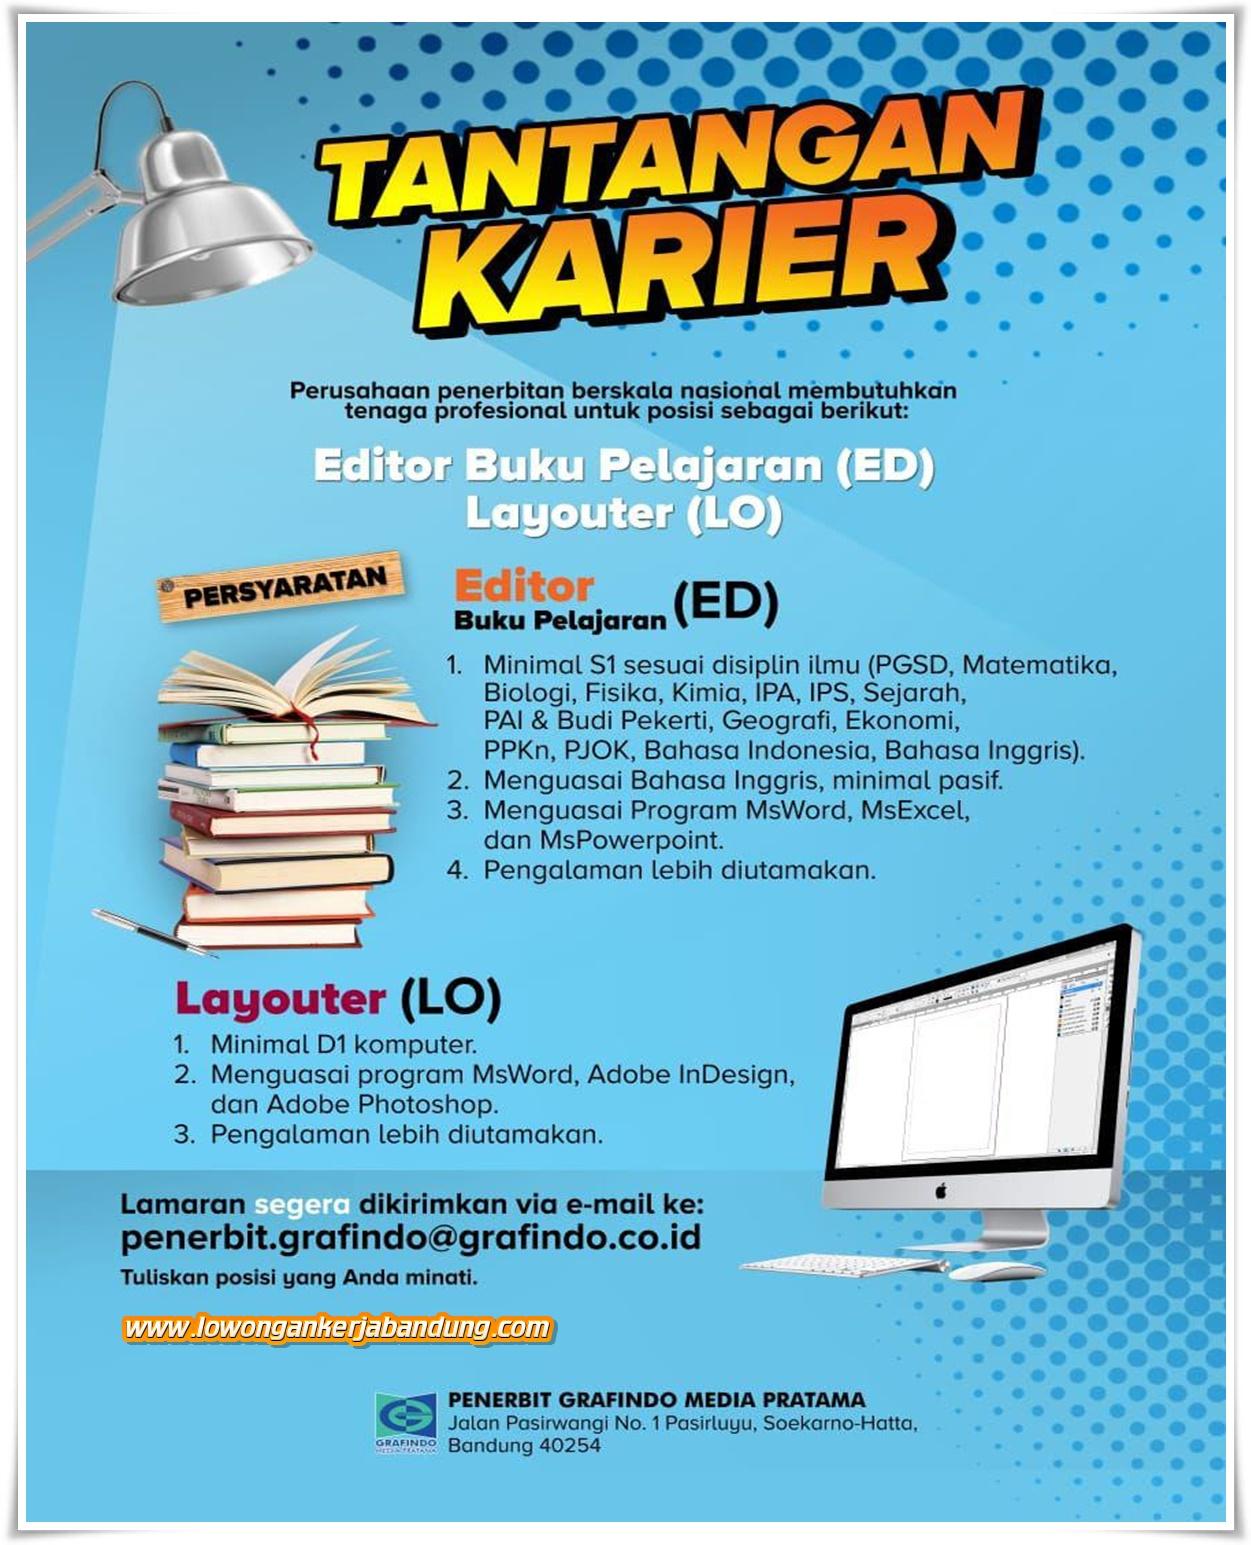 Lowongan Kerja Editor Layouter Penerbit Grafindo Bandung